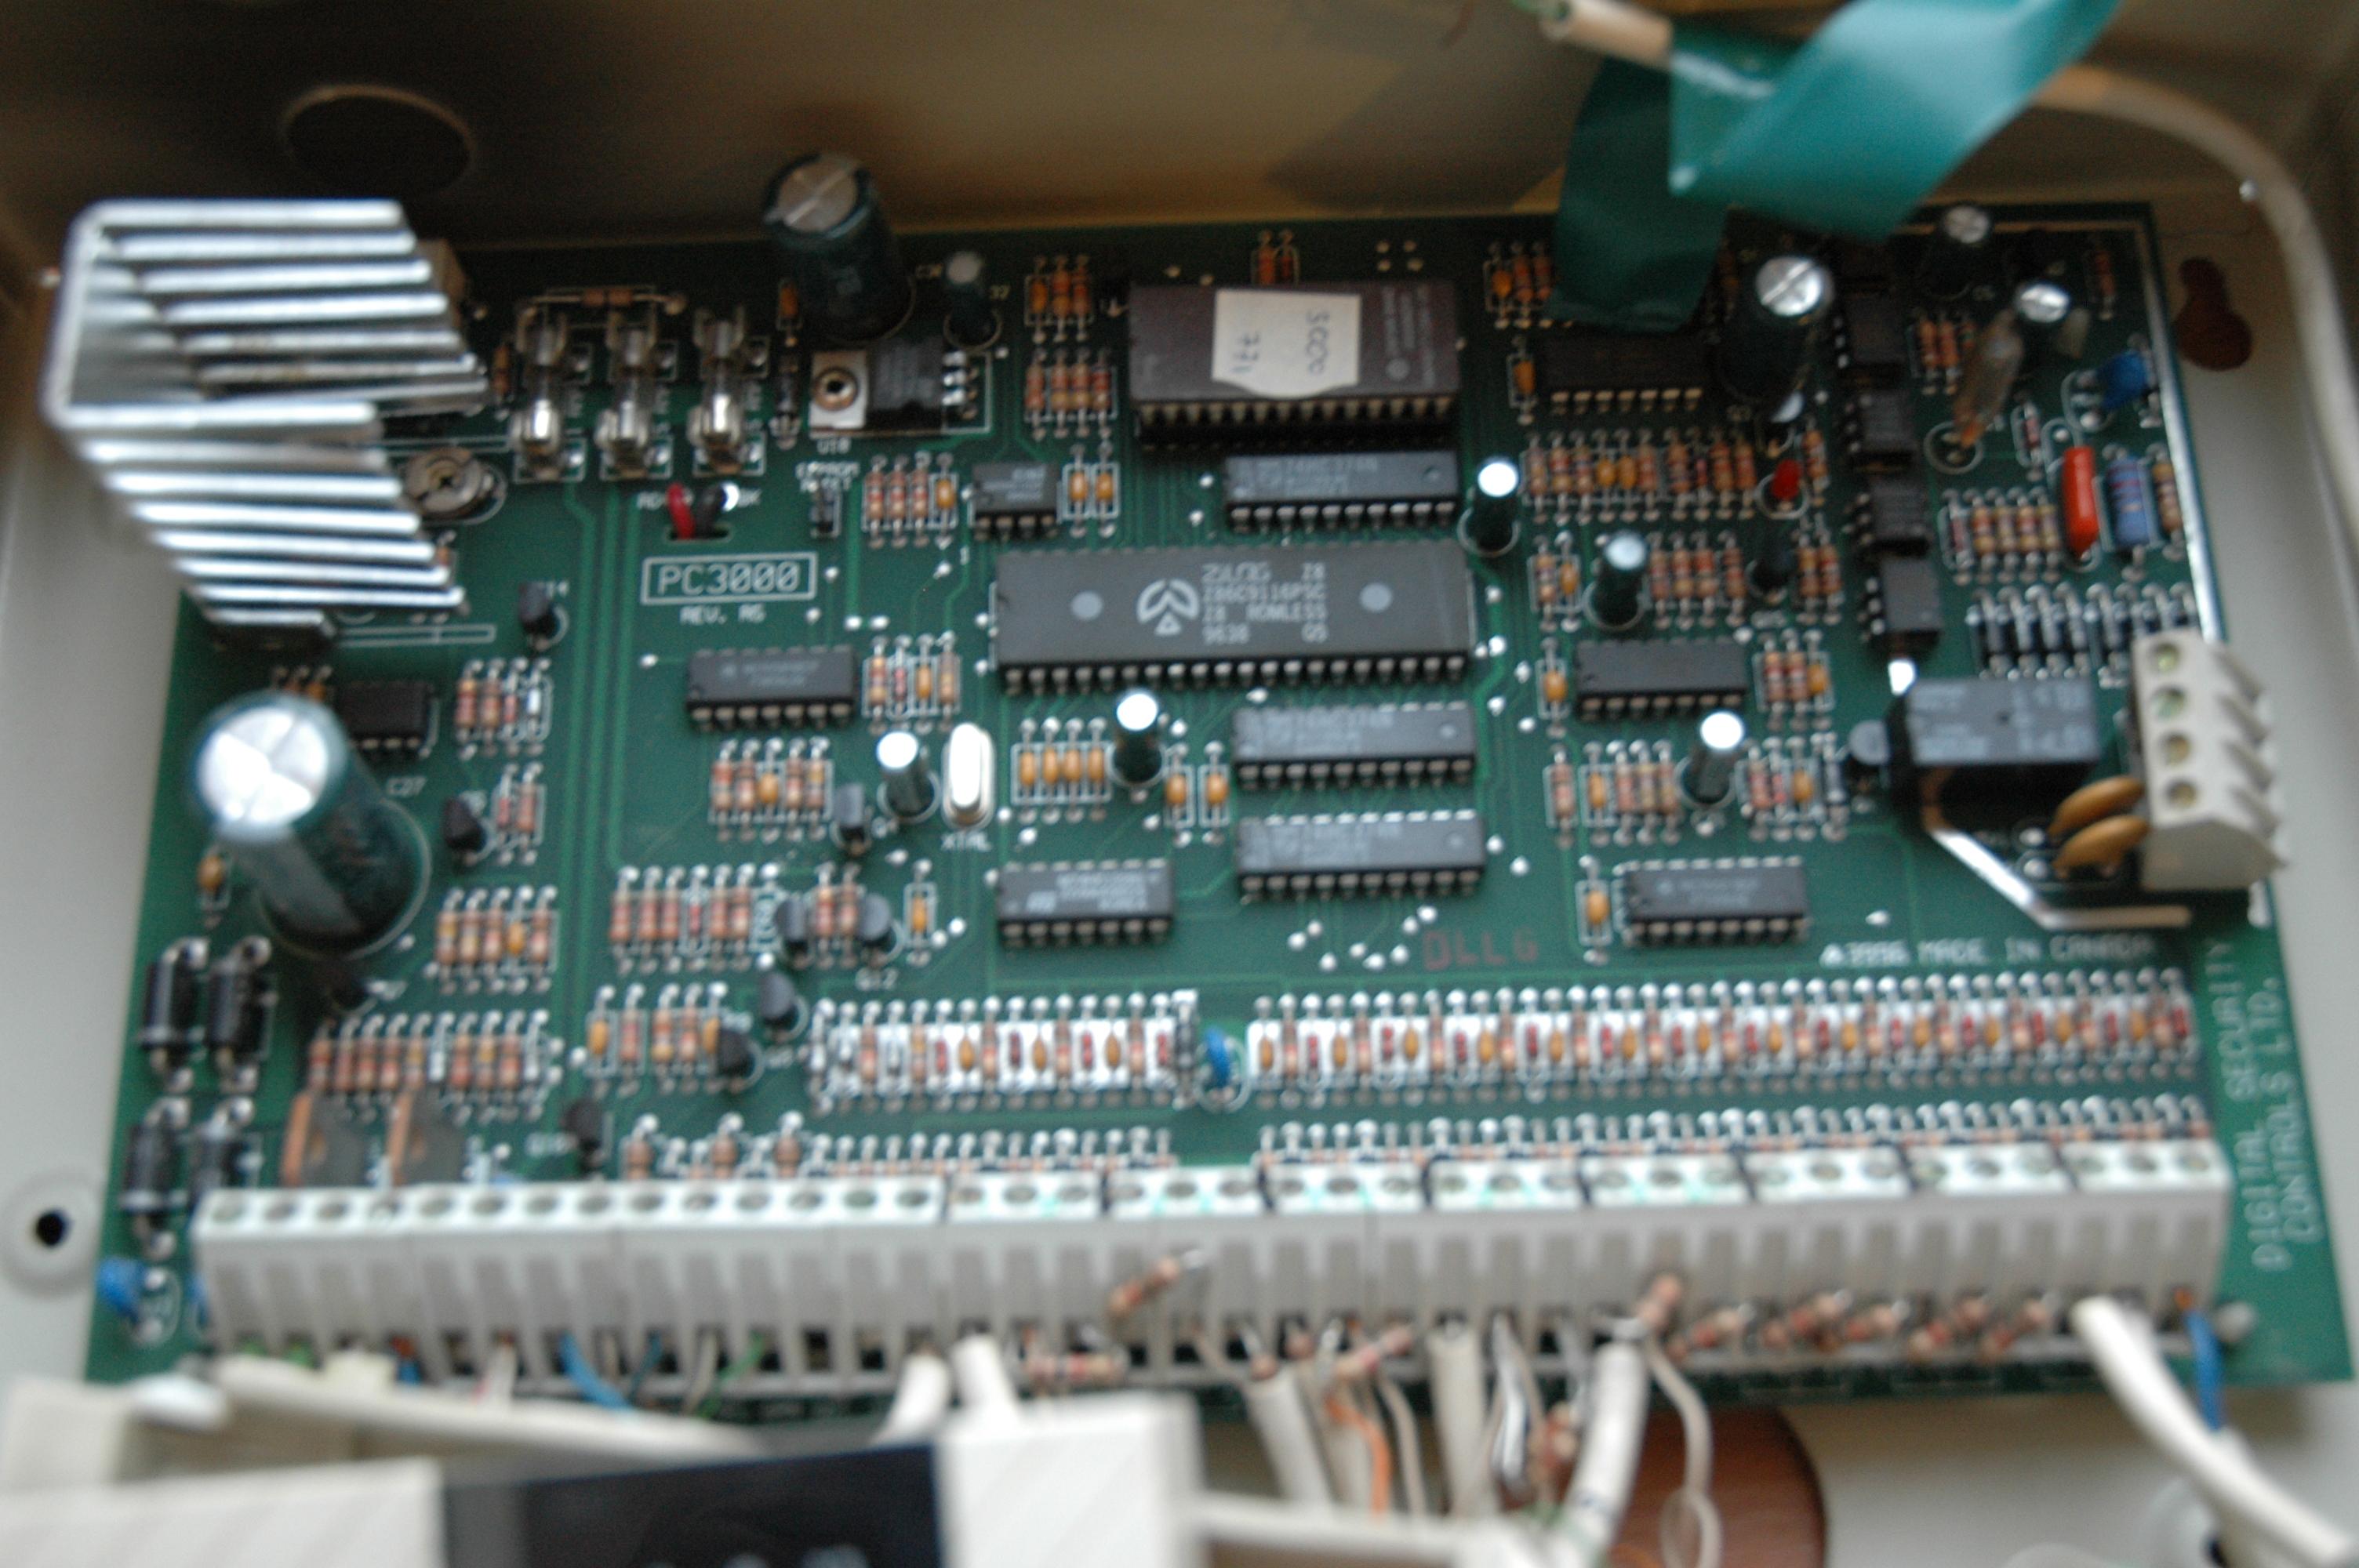 ... [Sprzedam] DSC PC 3000 centralka z klawiaturą